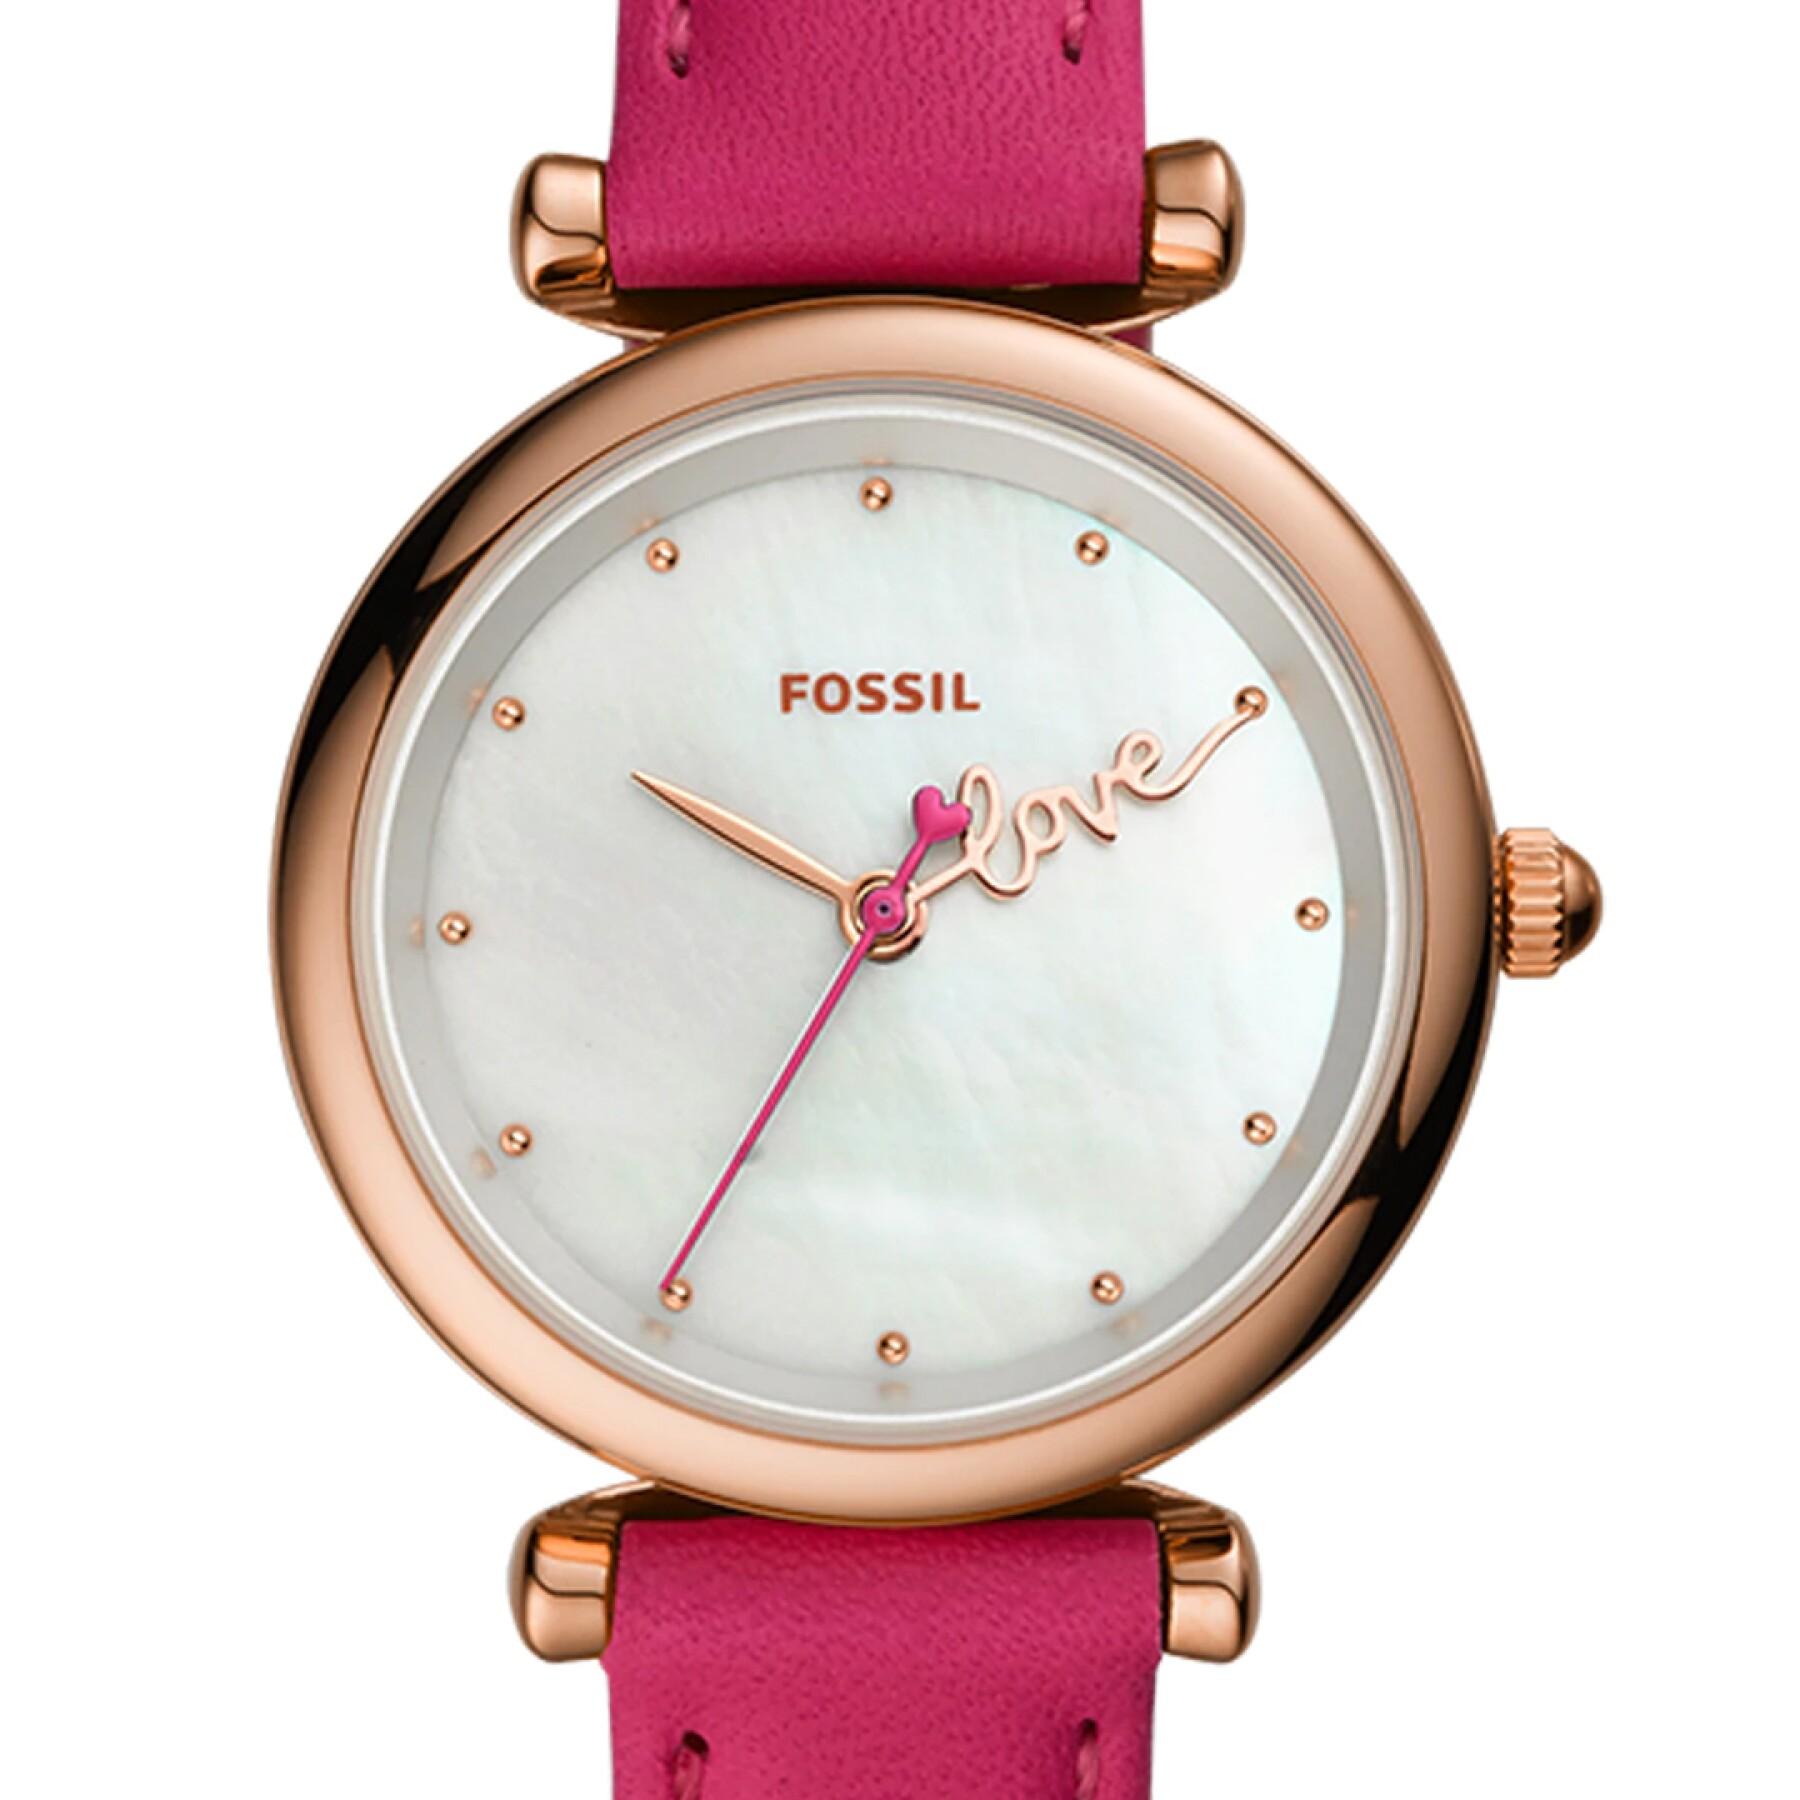 fossil.jpg